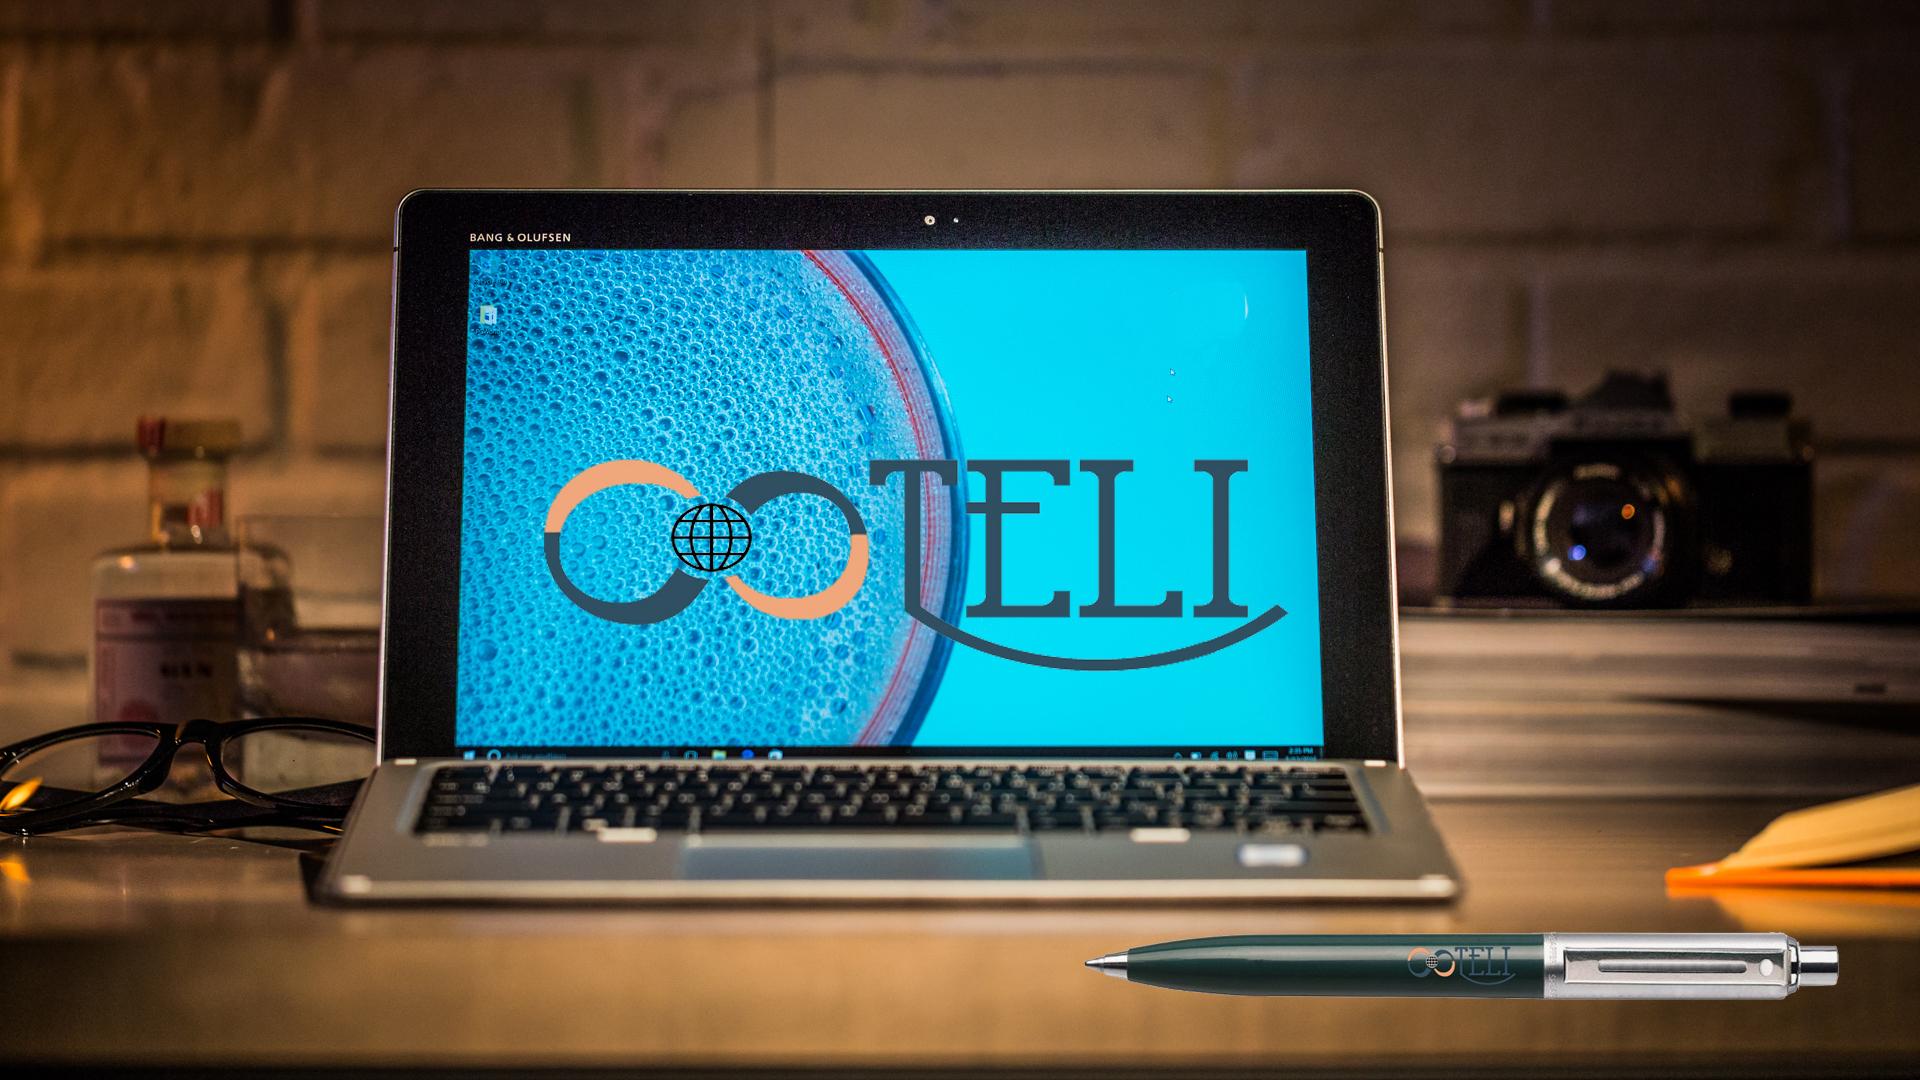 Разработка логотипа и фирменного стиля фото f_72958f91213b5f06.jpg